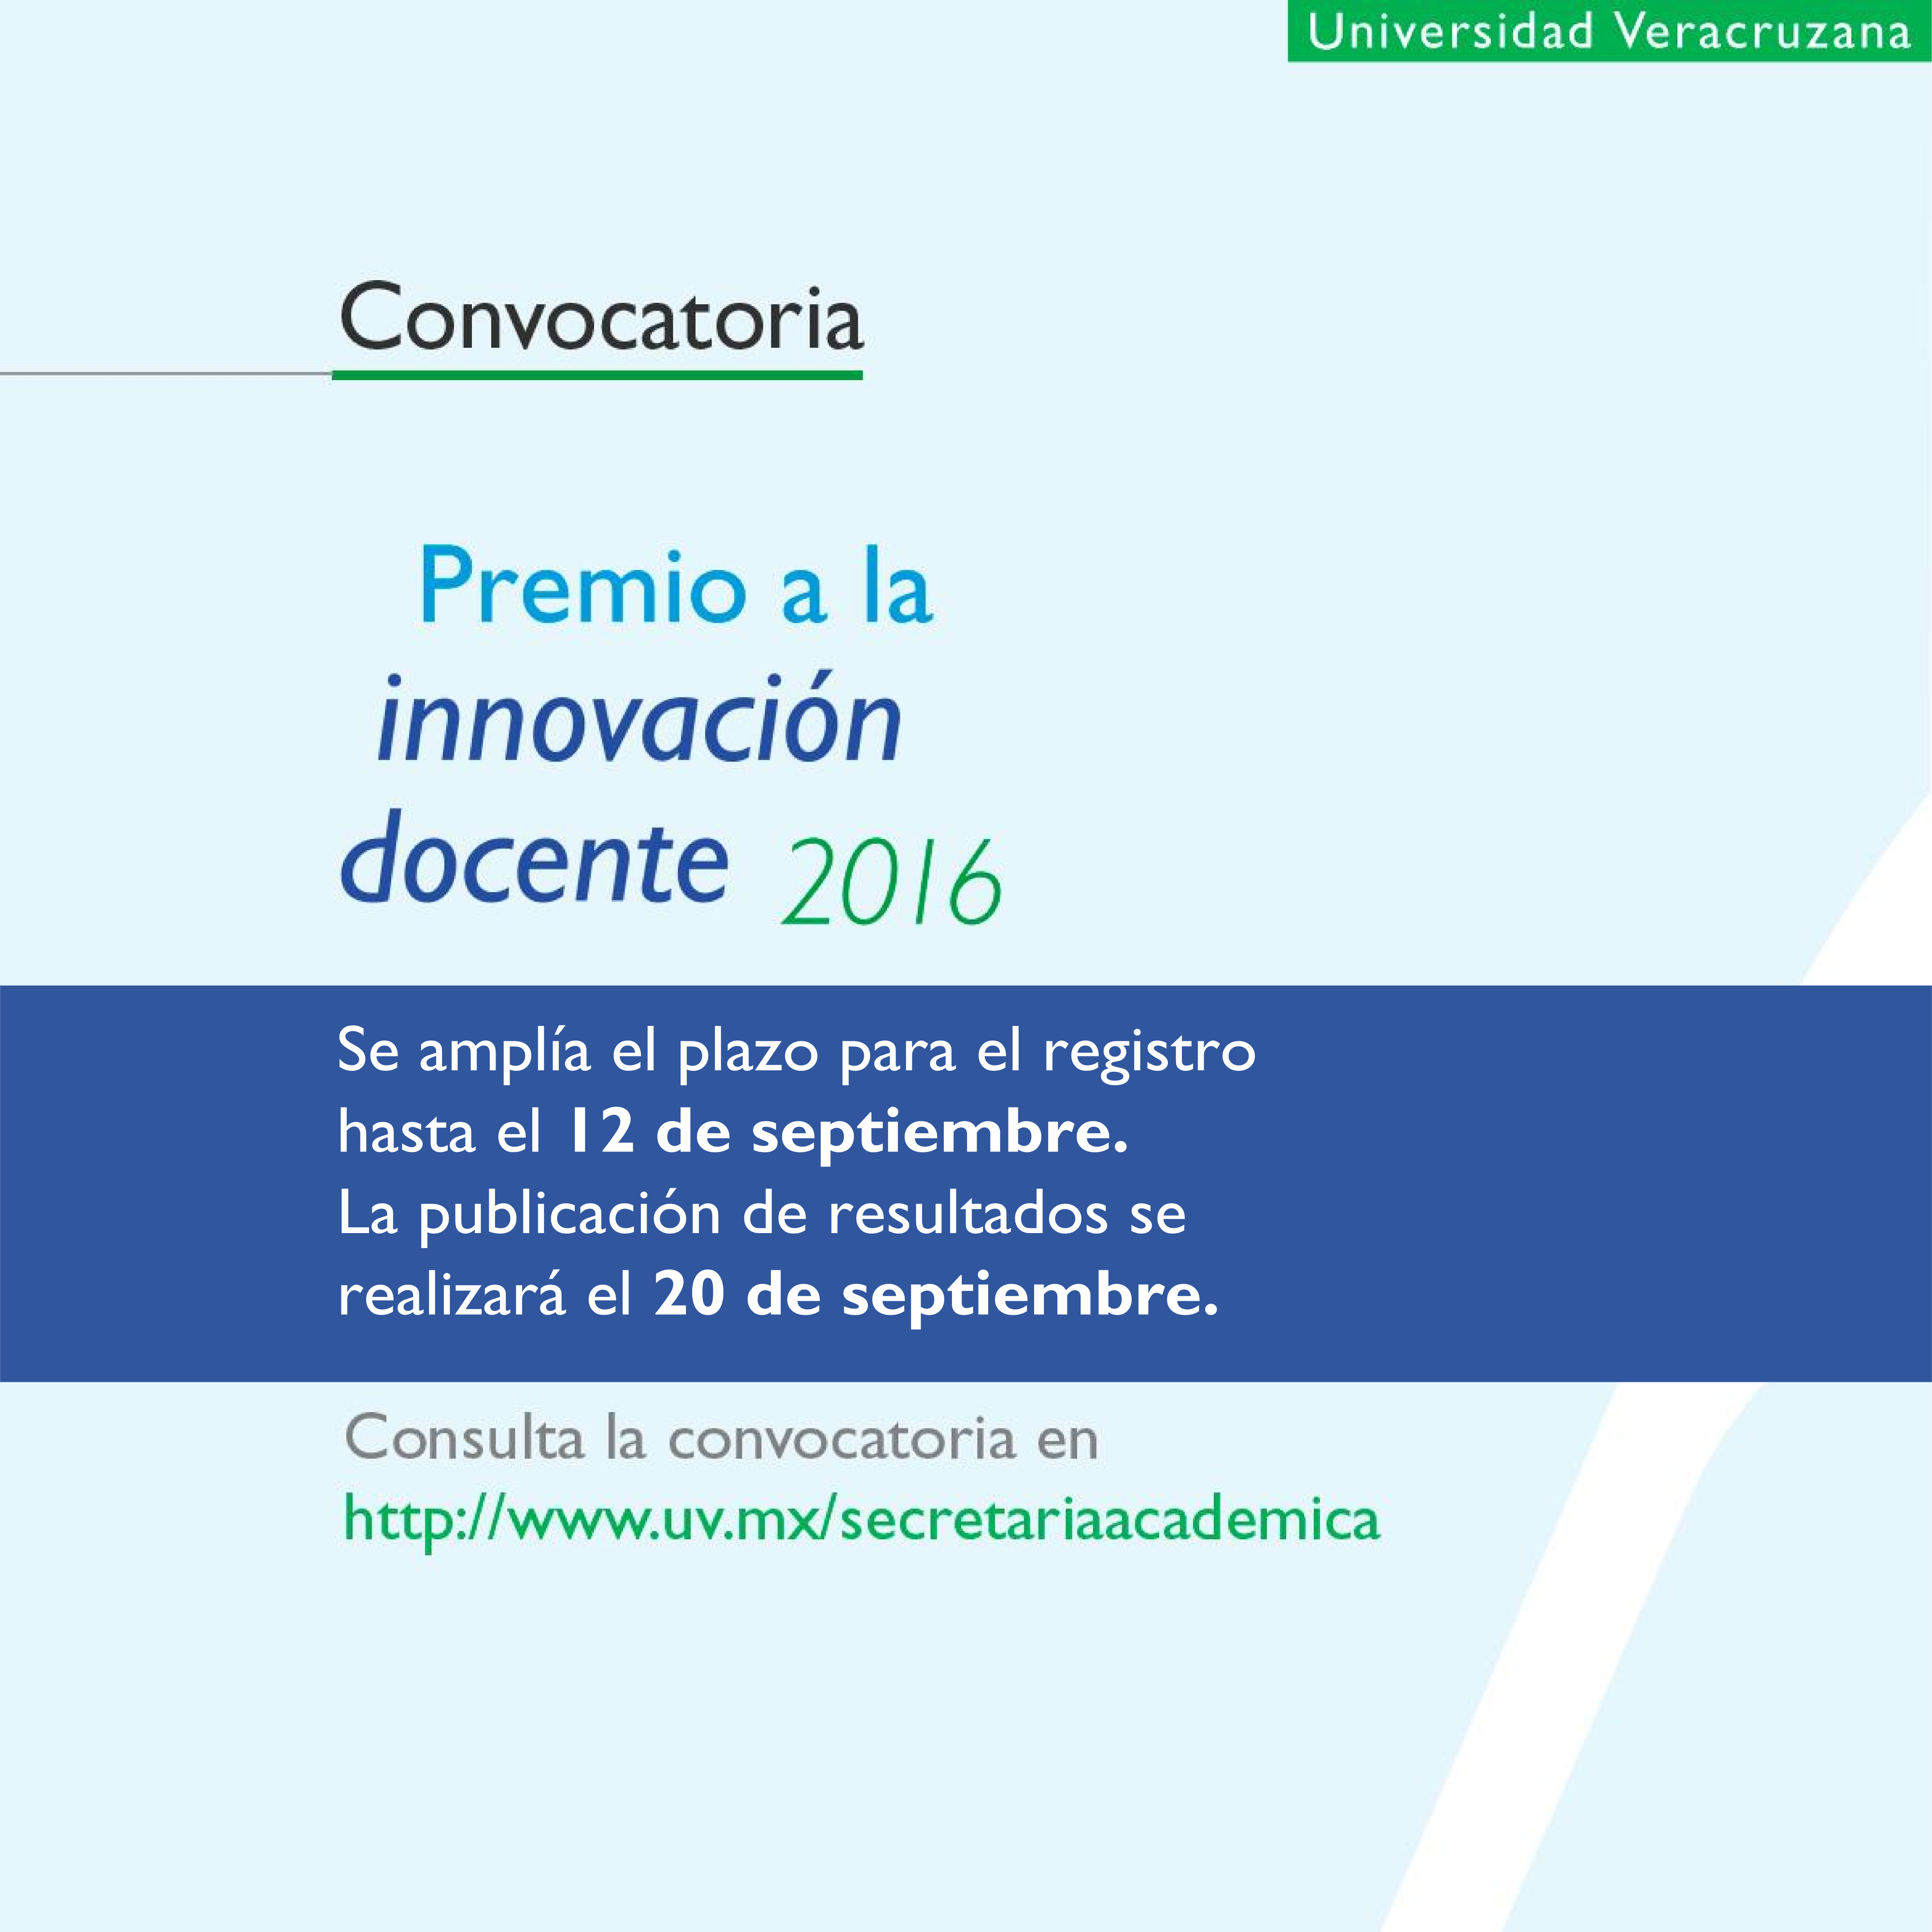 Convocatoria premio a la innovaci n docente secretar a for Convocatoria para docentes 2016